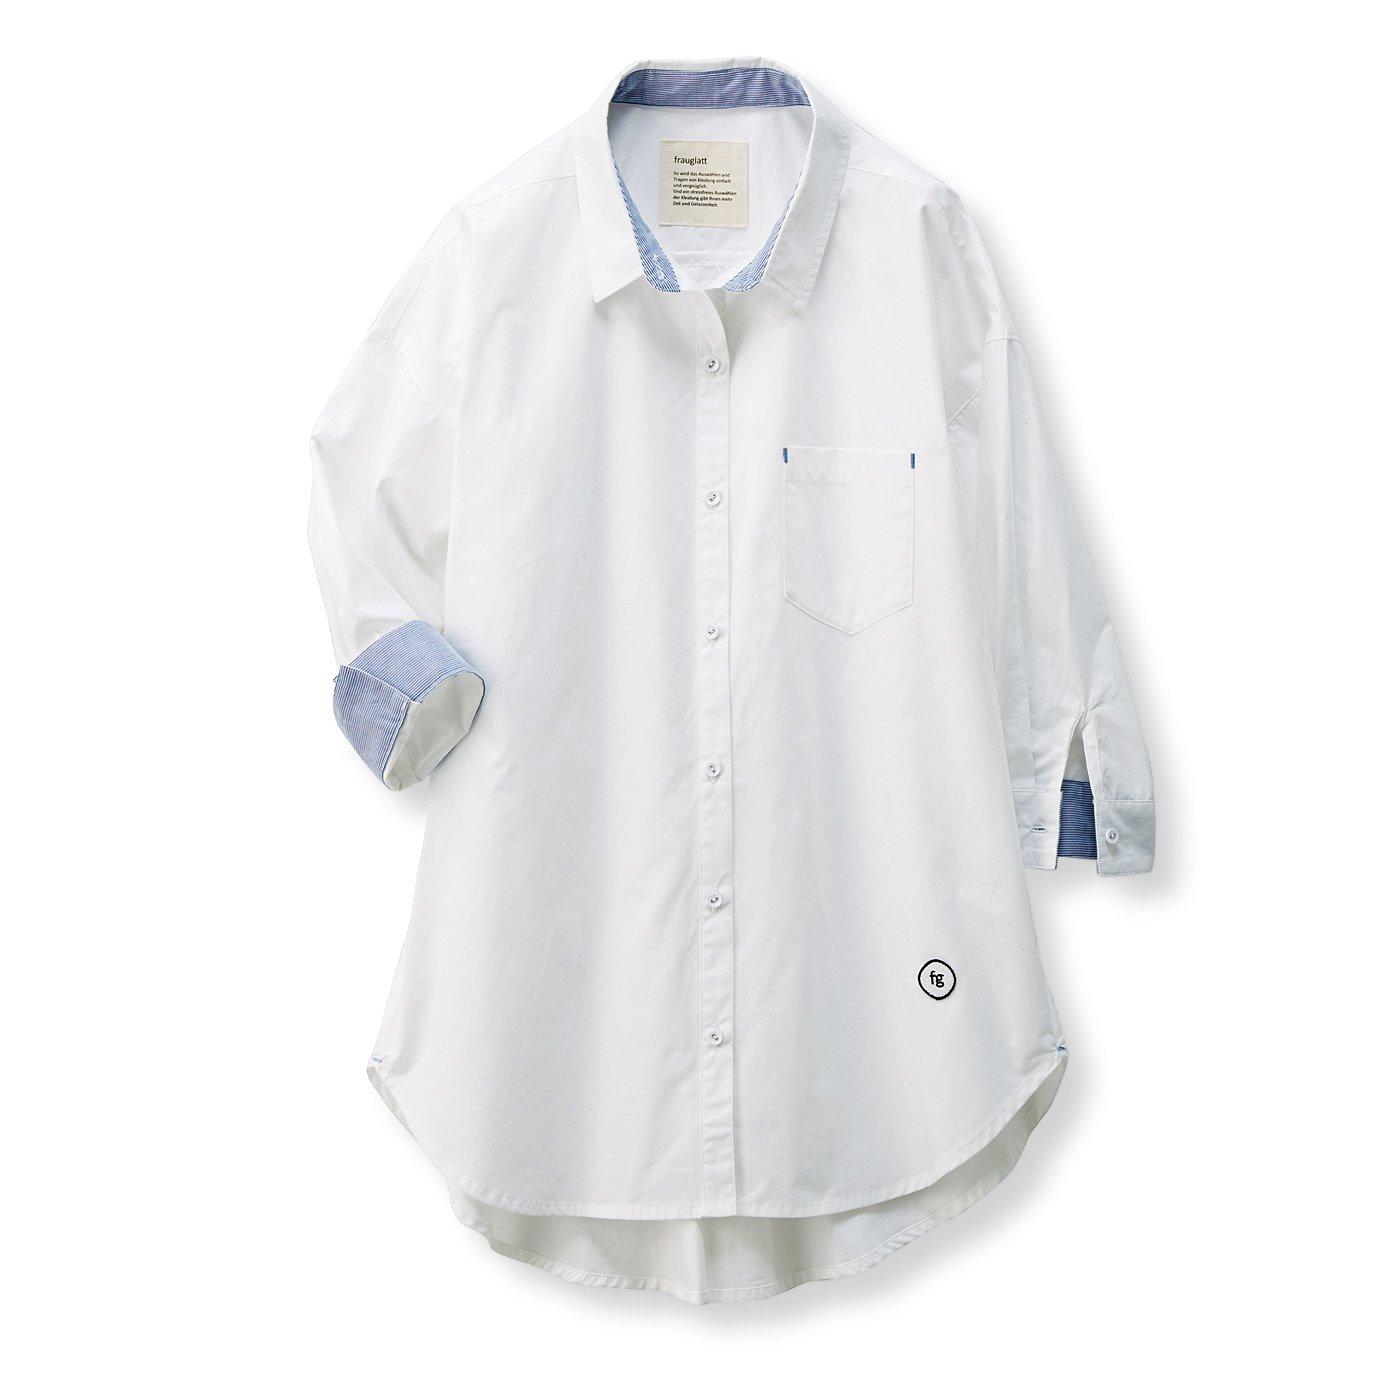 フラウグラット イージーケアで便利なホワイトシャツチュニック〈オフホワイト×青ストライプ〉